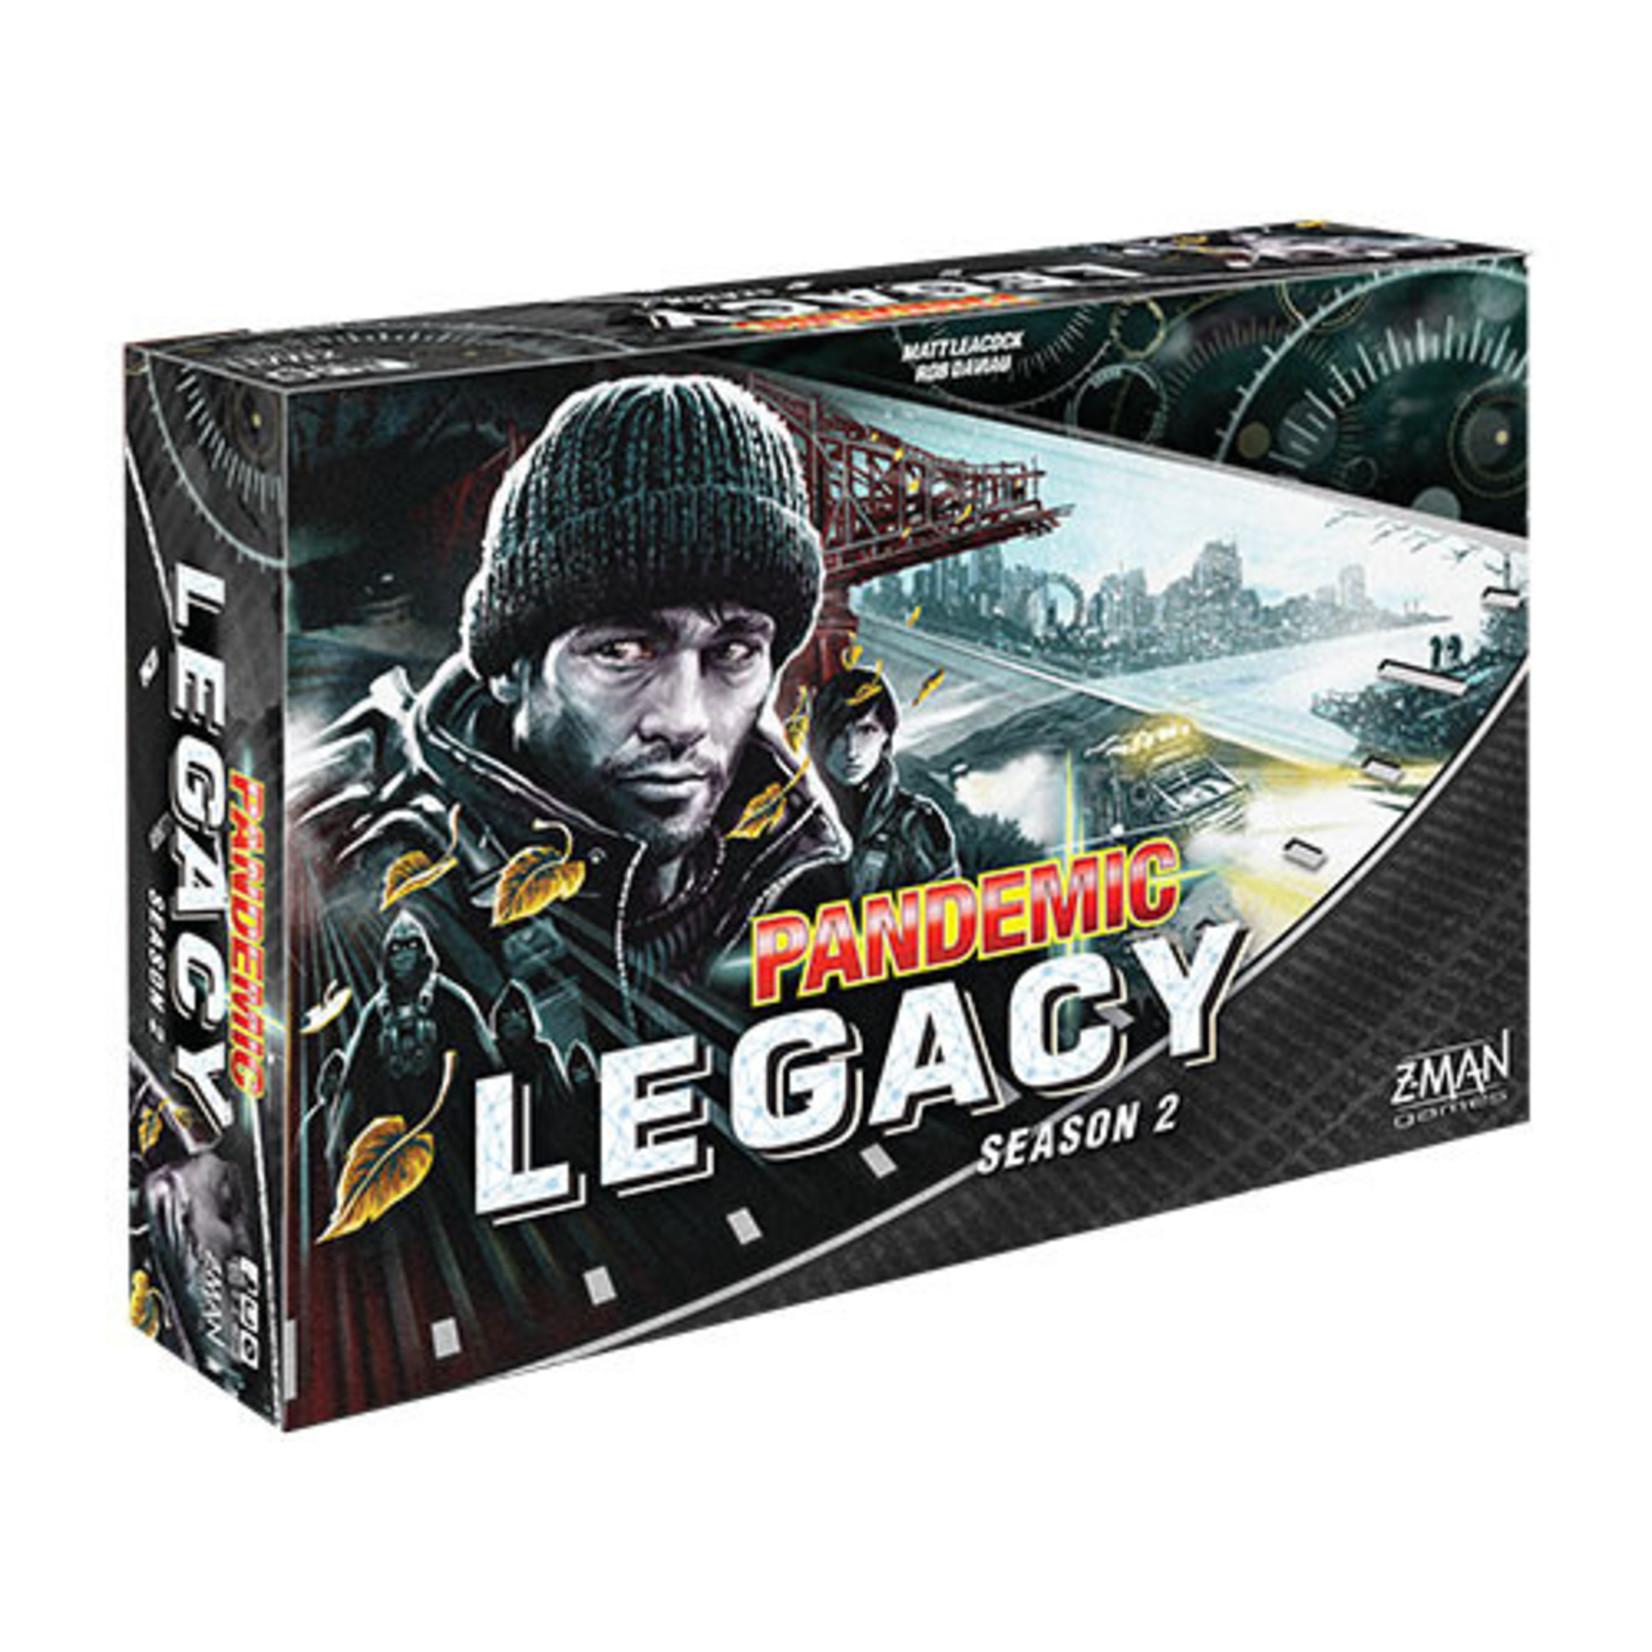 Pandemic: Legacy Season 2 - Black (stand alone)